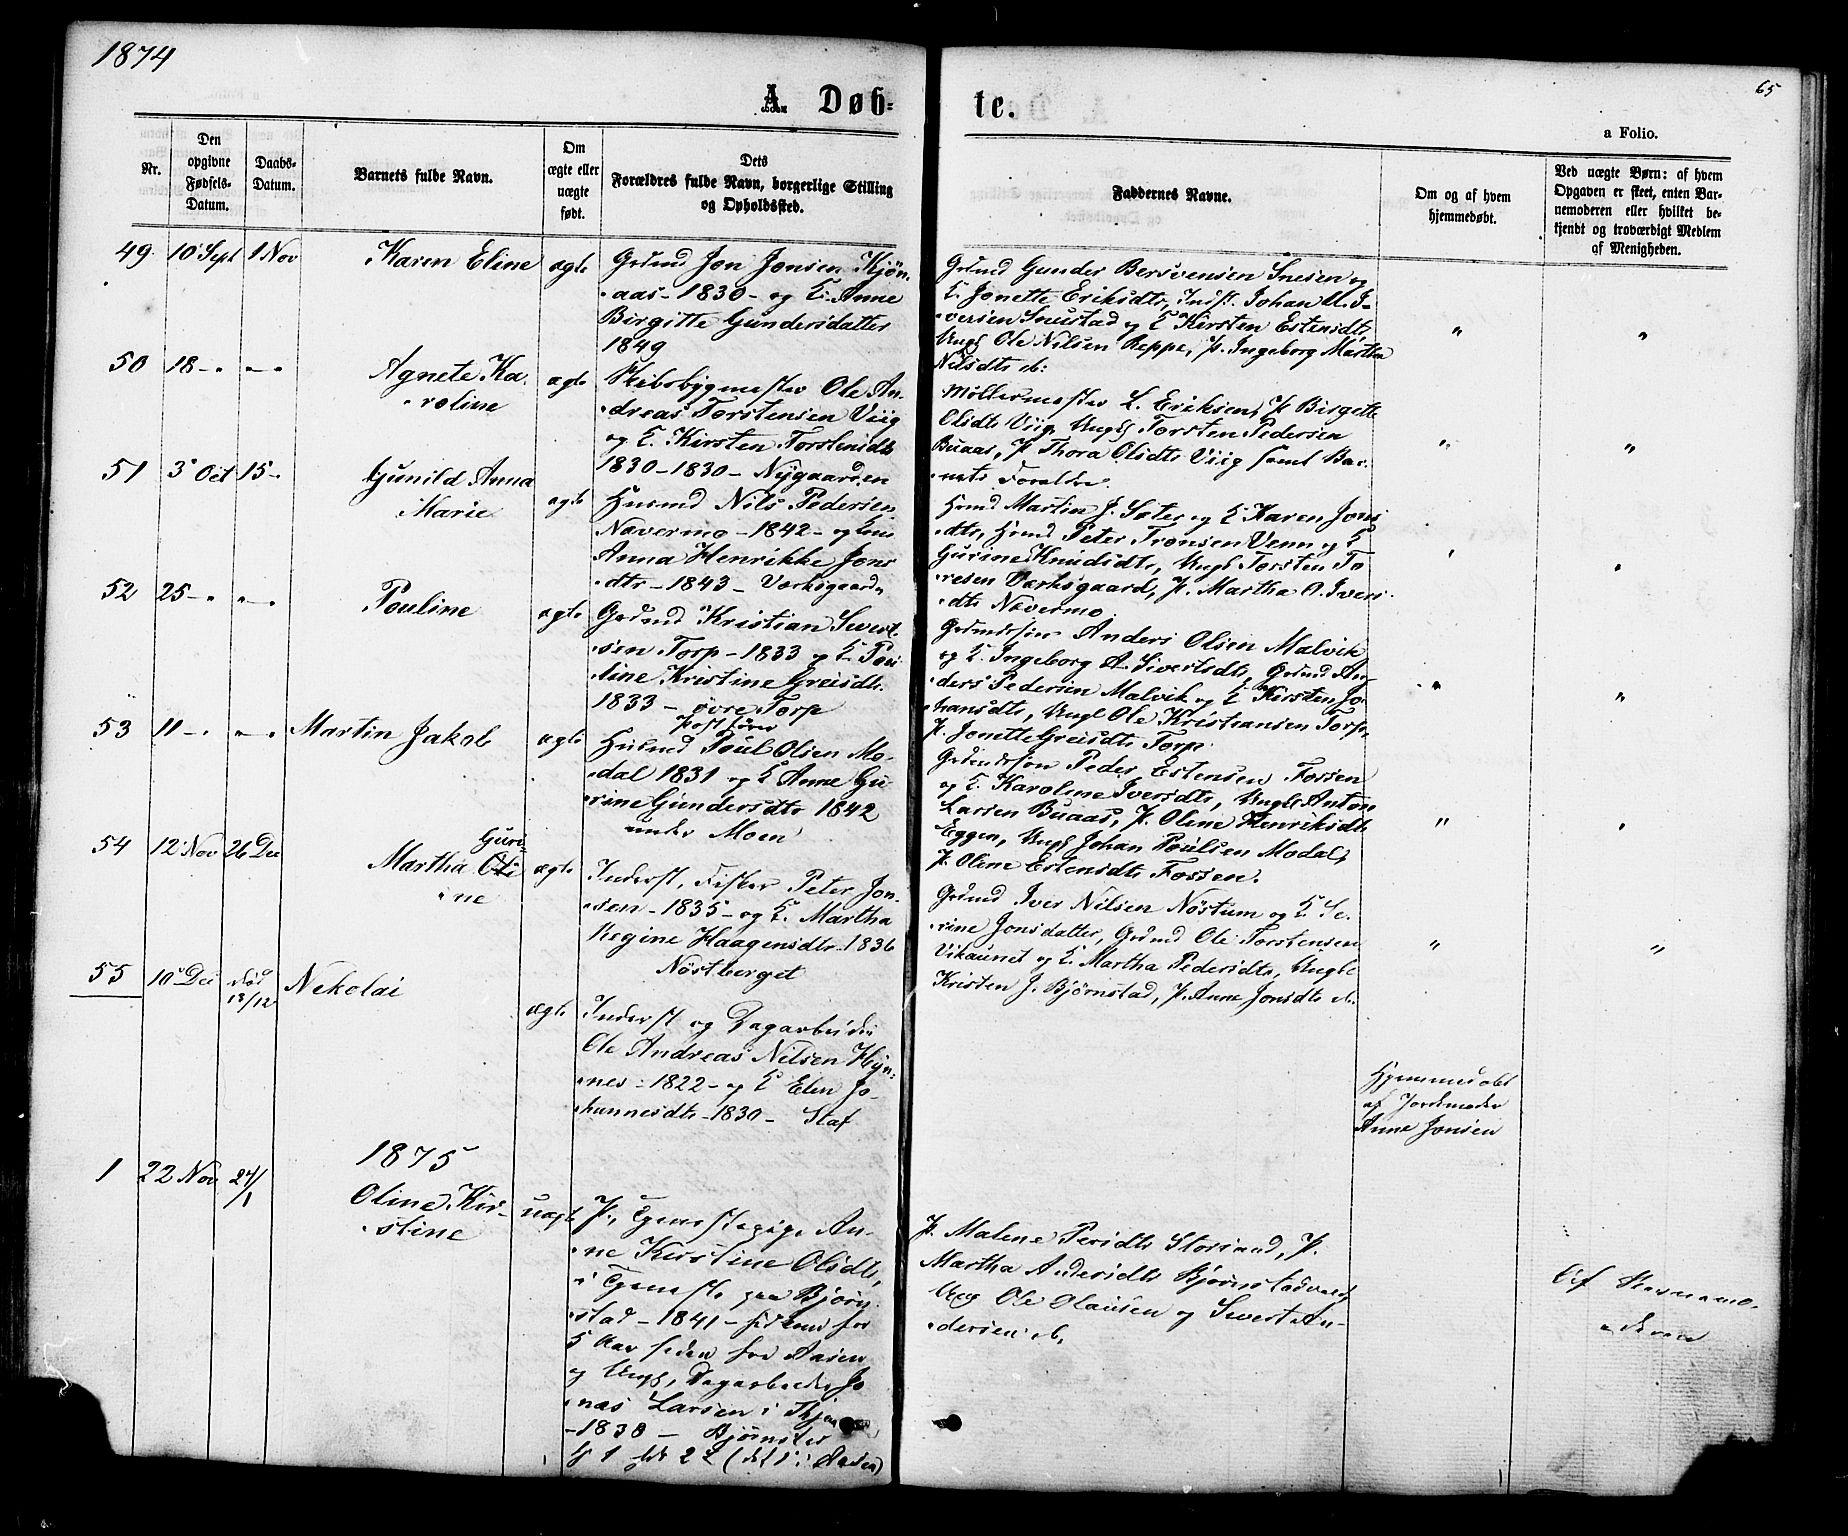 SAT, Ministerialprotokoller, klokkerbøker og fødselsregistre - Sør-Trøndelag, 616/L0409: Ministerialbok nr. 616A06, 1865-1877, s. 65